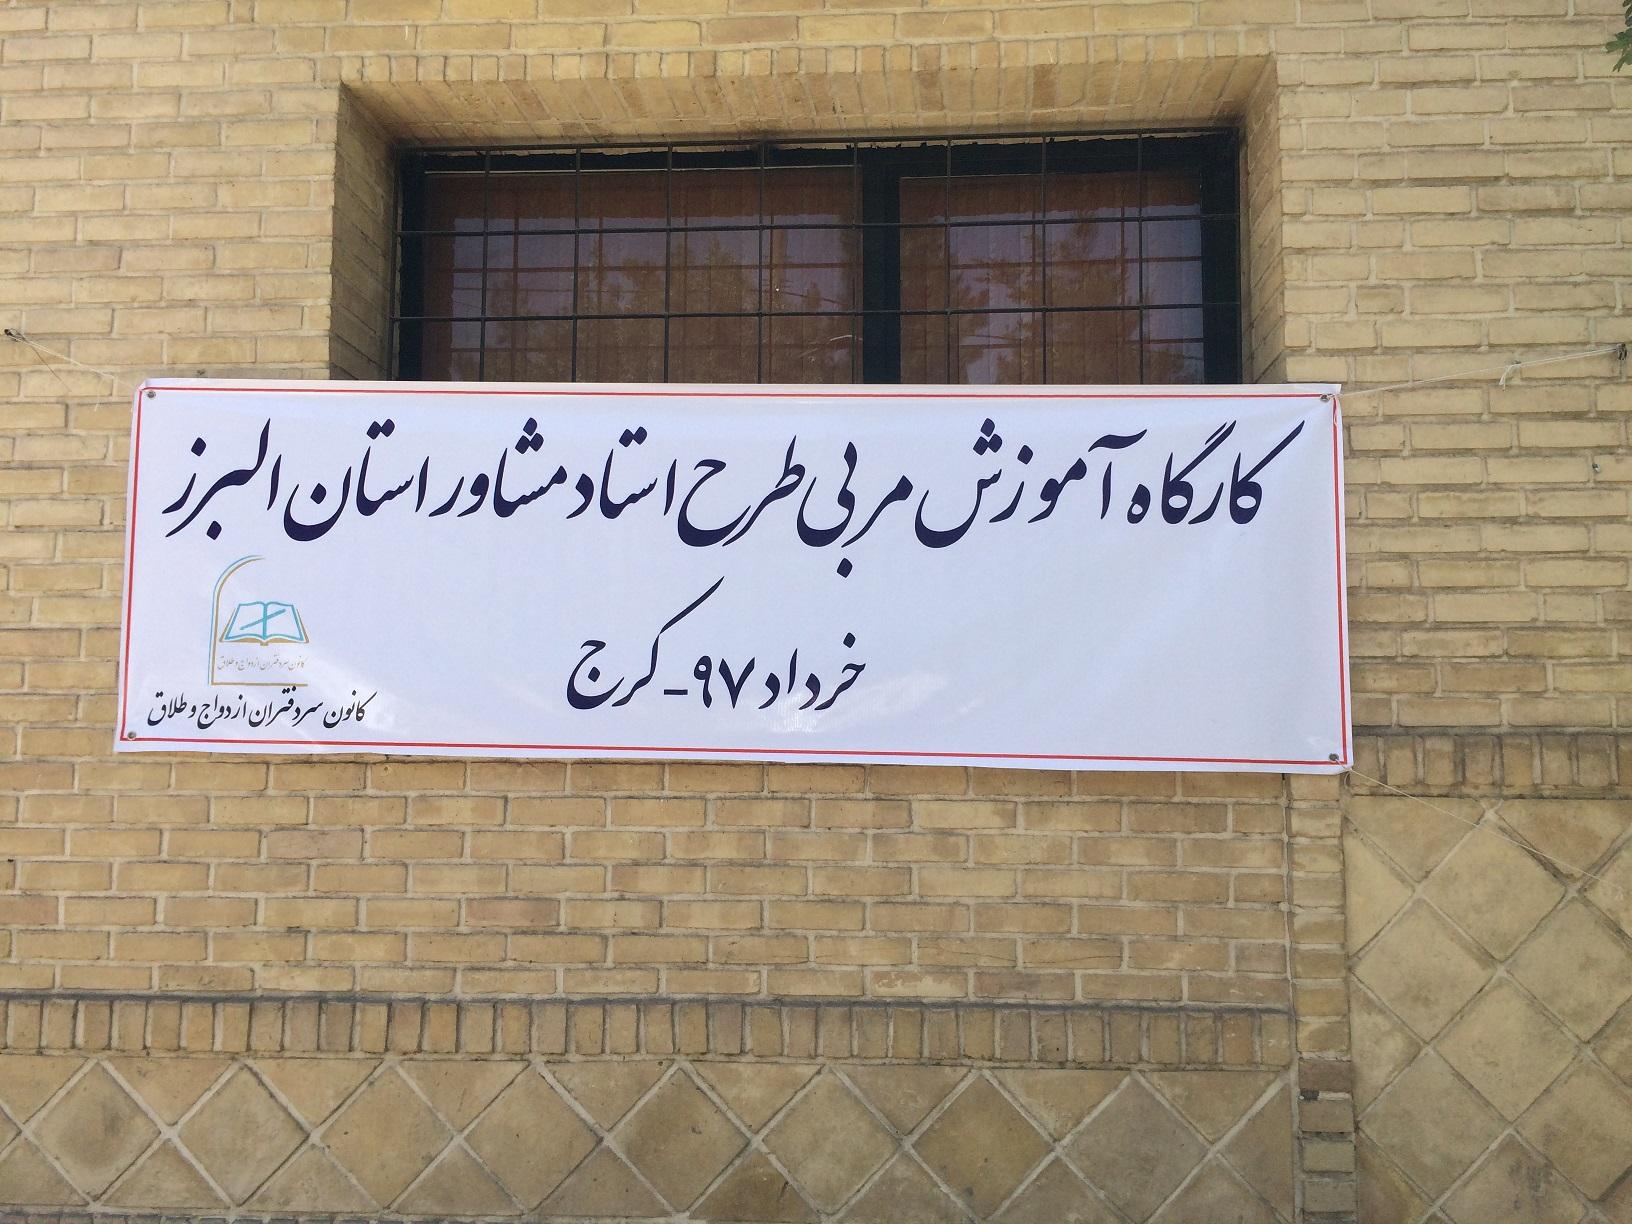 کارگاه آموزشی طرح استاد مشاور سردفتران ازدواج و طلاق استان البرز